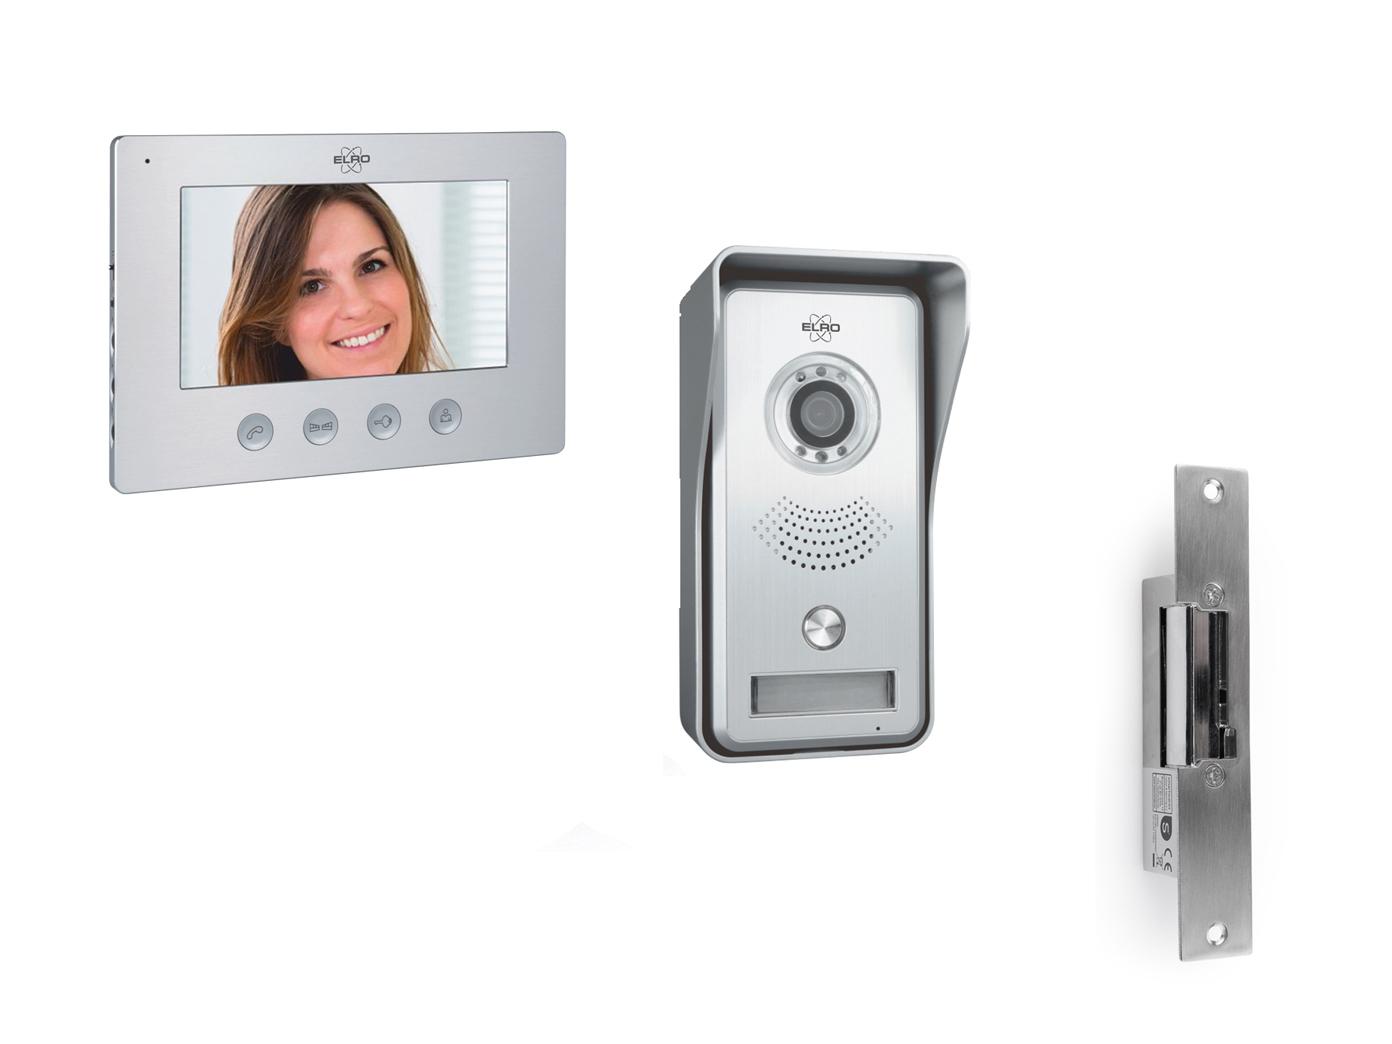 details zu elro ip sprechanlage mit kamera & türöffner, gegensprechanlage  für 1familienhaus